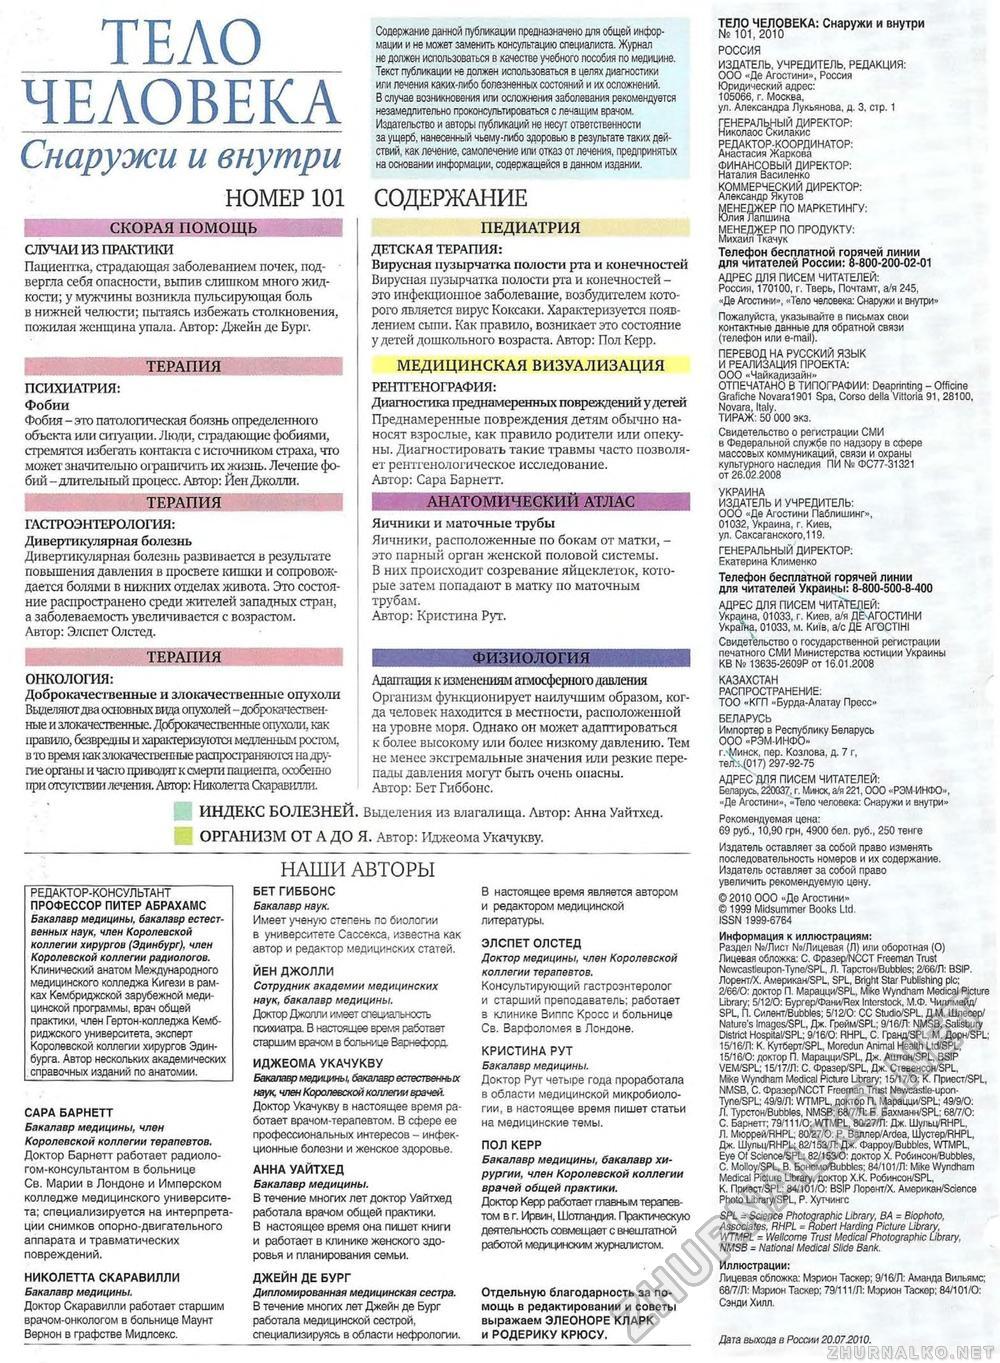 журнал медицинских статей с переводом можете скачать его